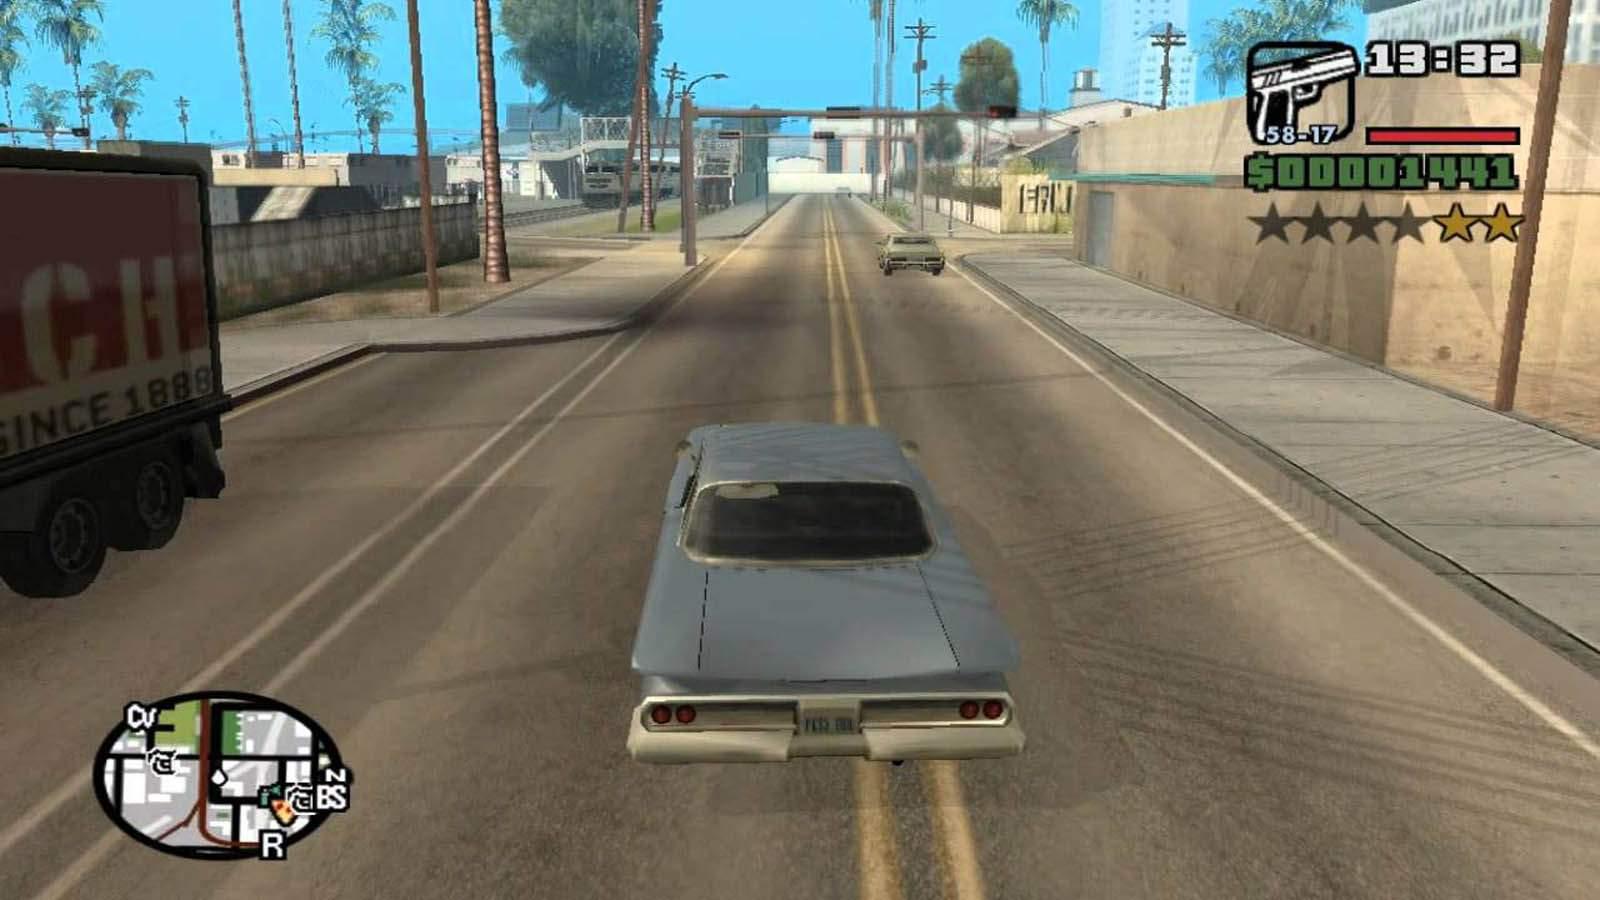 تحميل لعبة GTA San Andreas مضغوطة برابط واحد مباشر كاملة مجانا